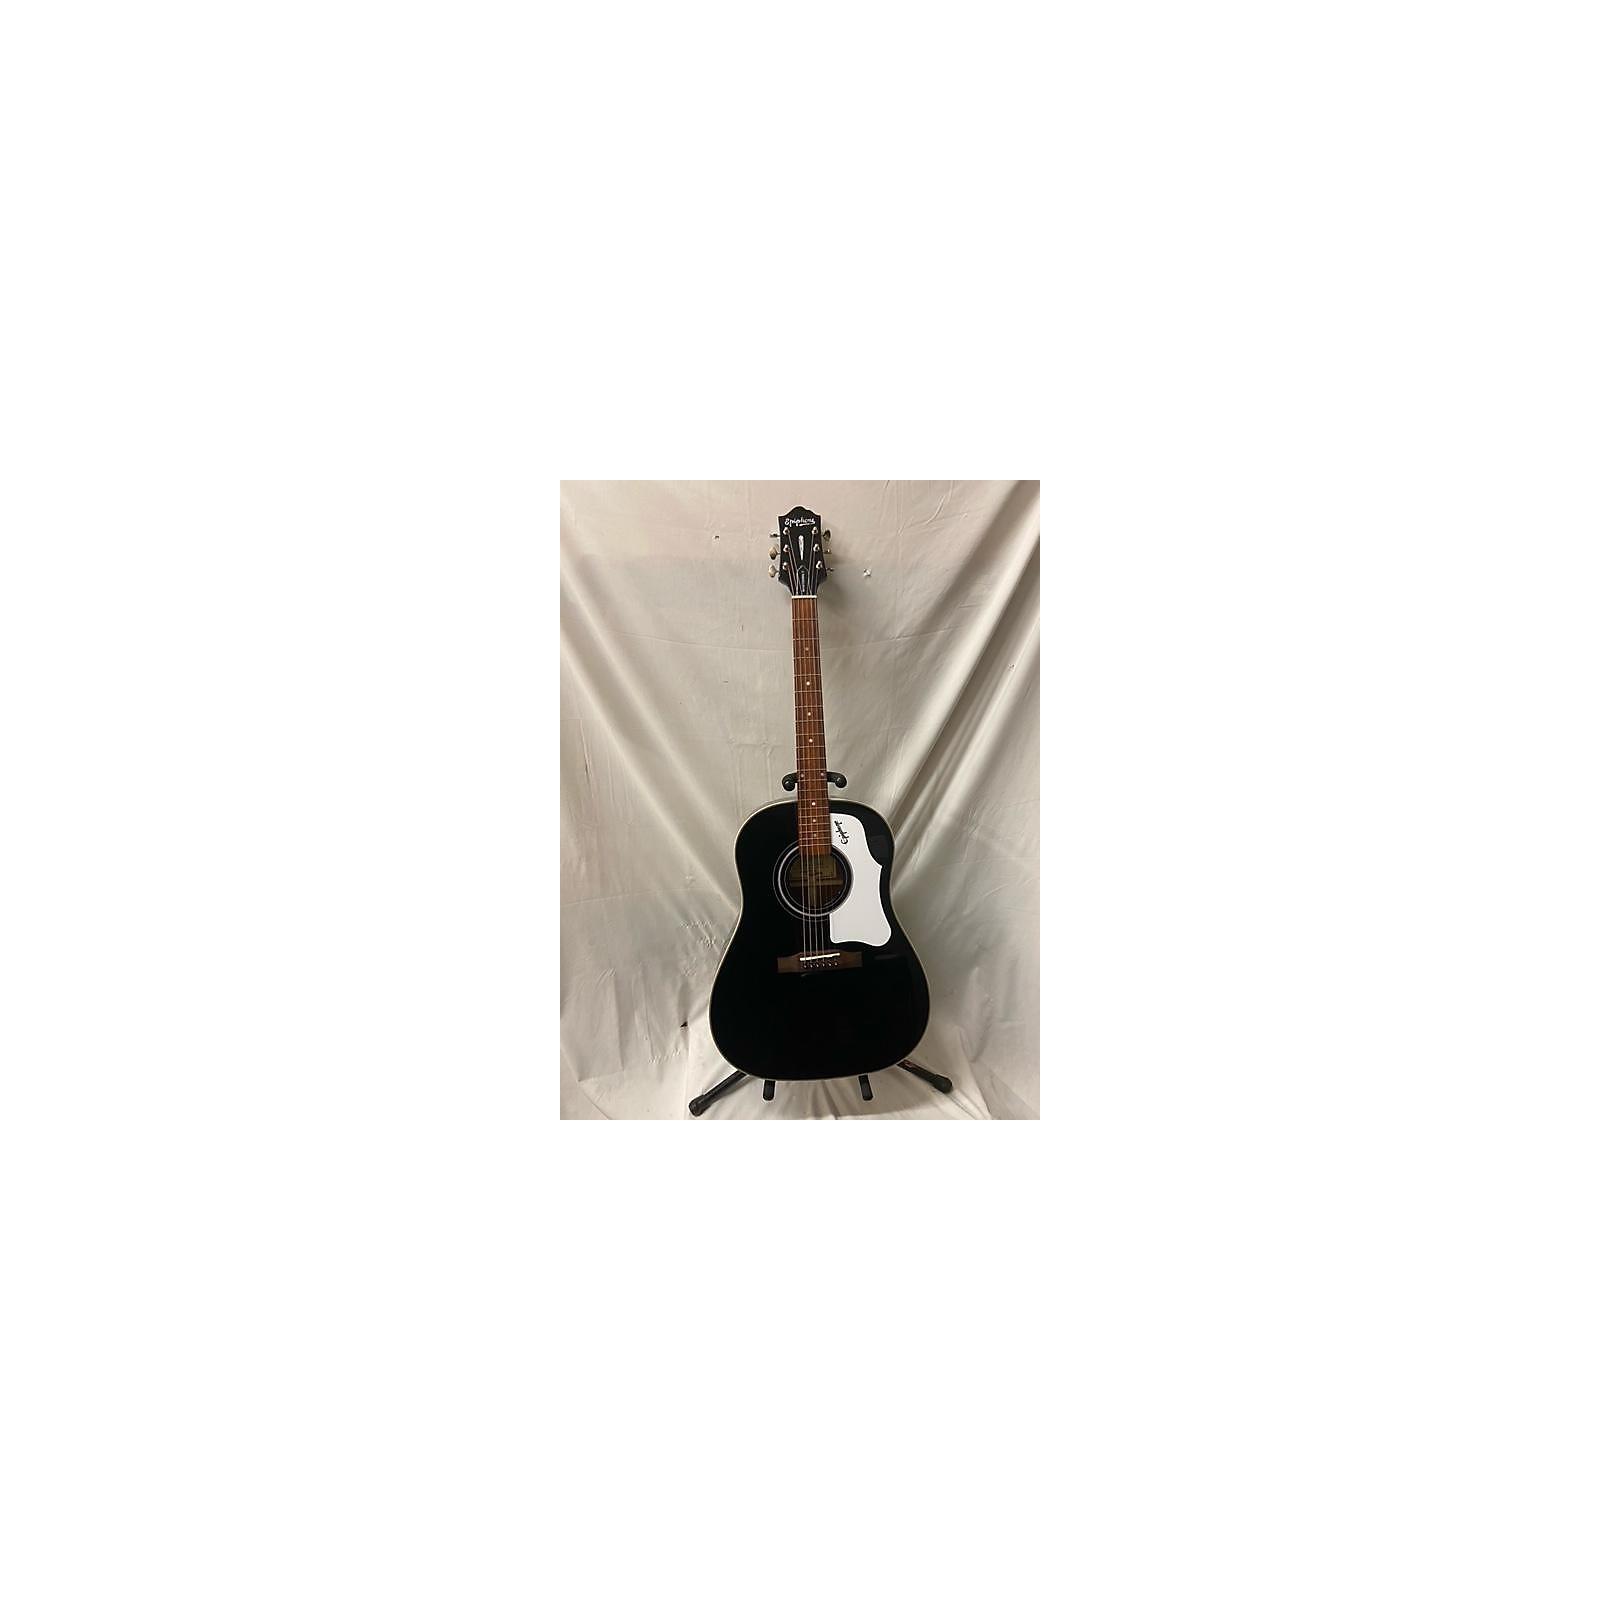 Epiphone MASTERNUILT AJ-45 Acoustic Guitar